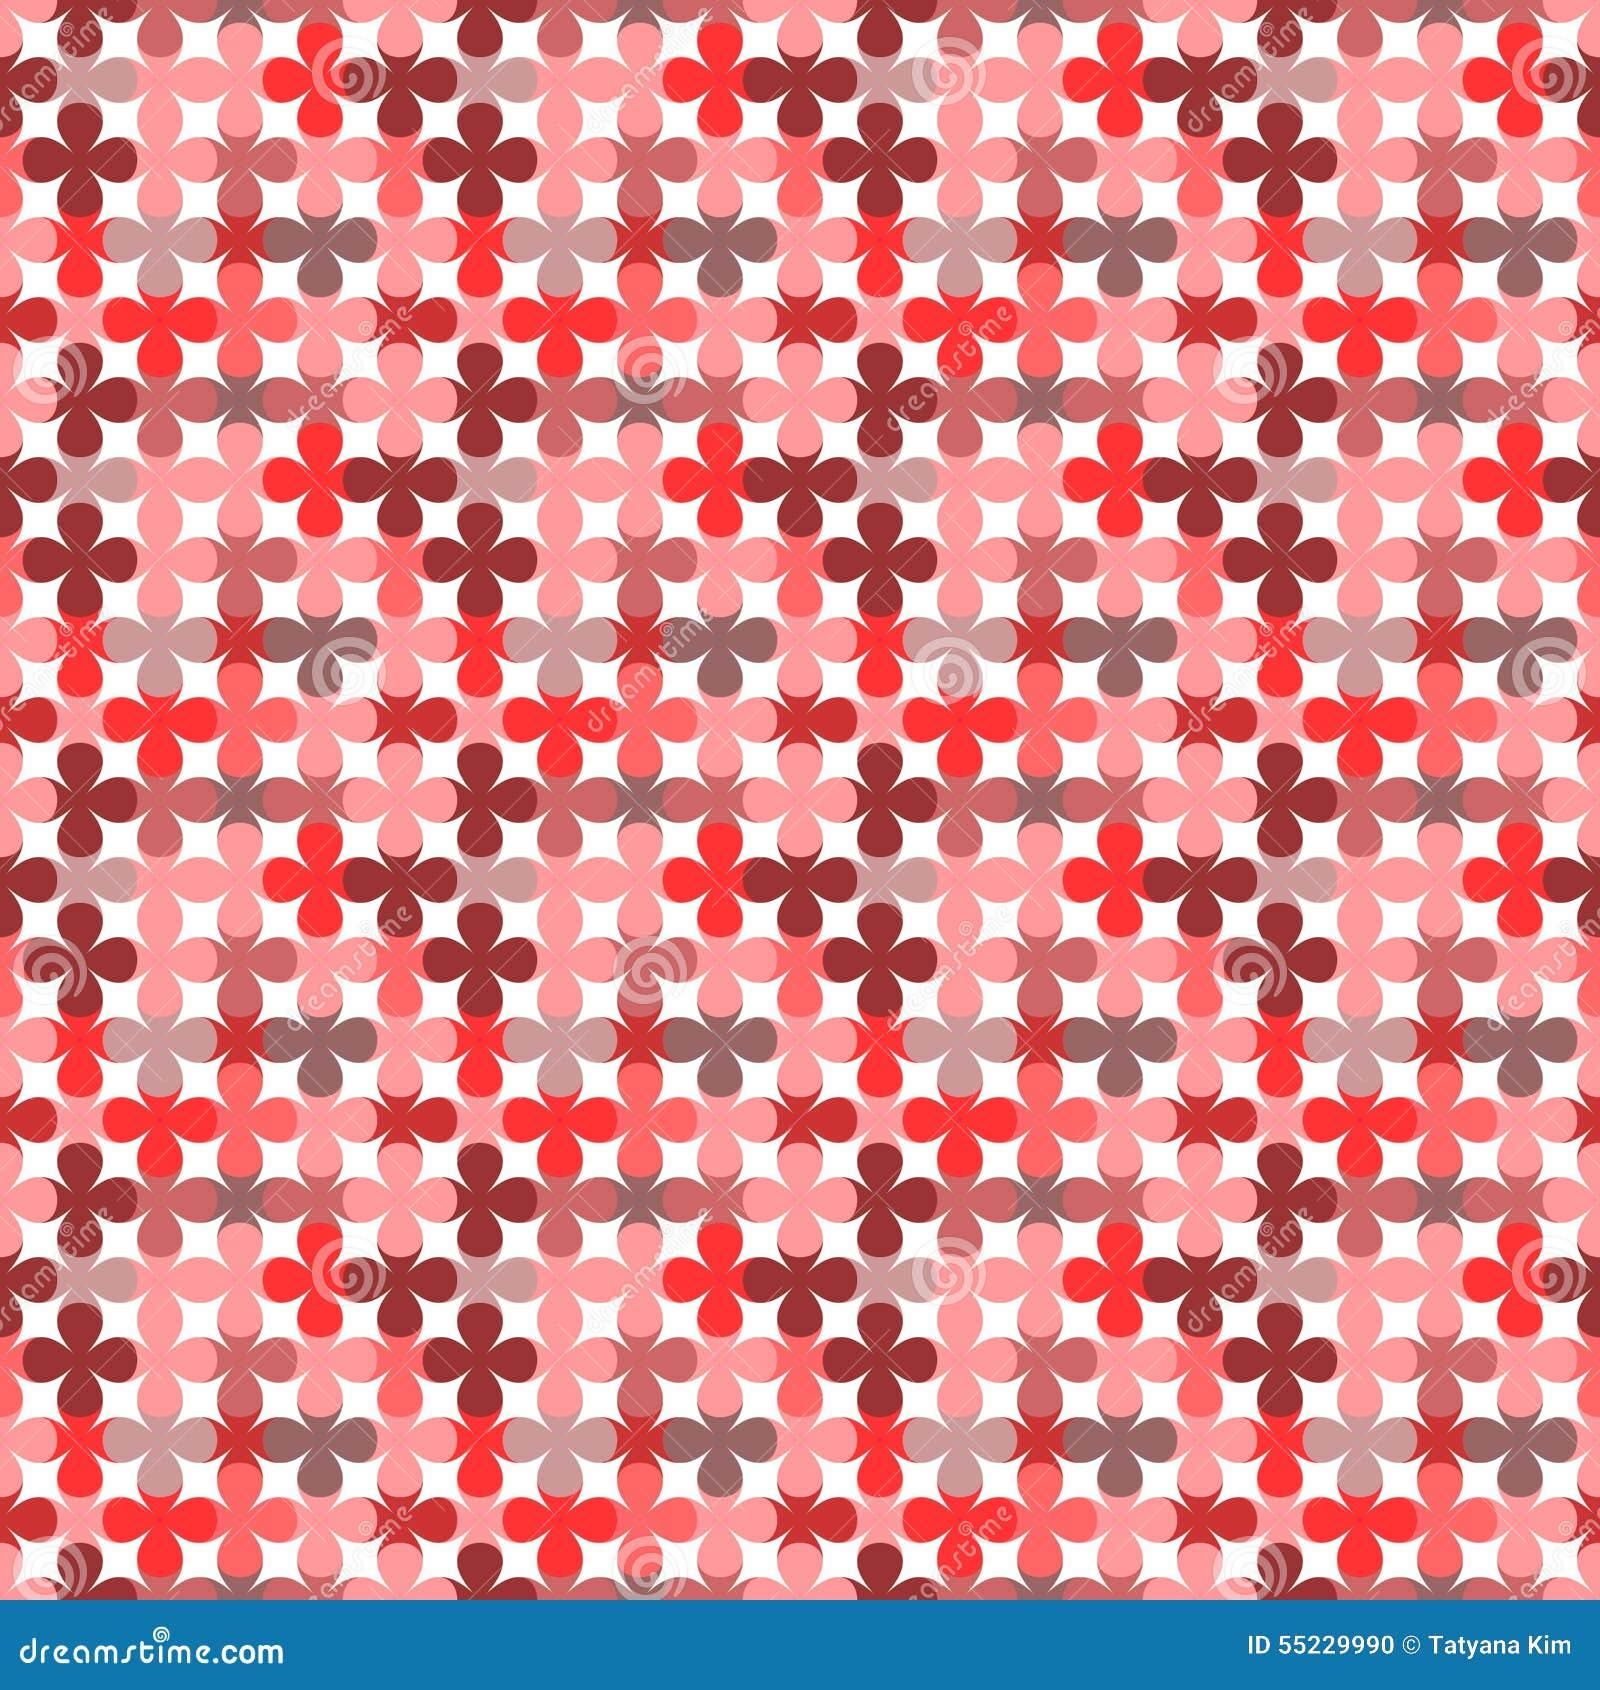 Mod le sans couture avec les fleurs mignonnes pour le papier peint motifs d - Papier peint avec motif ...